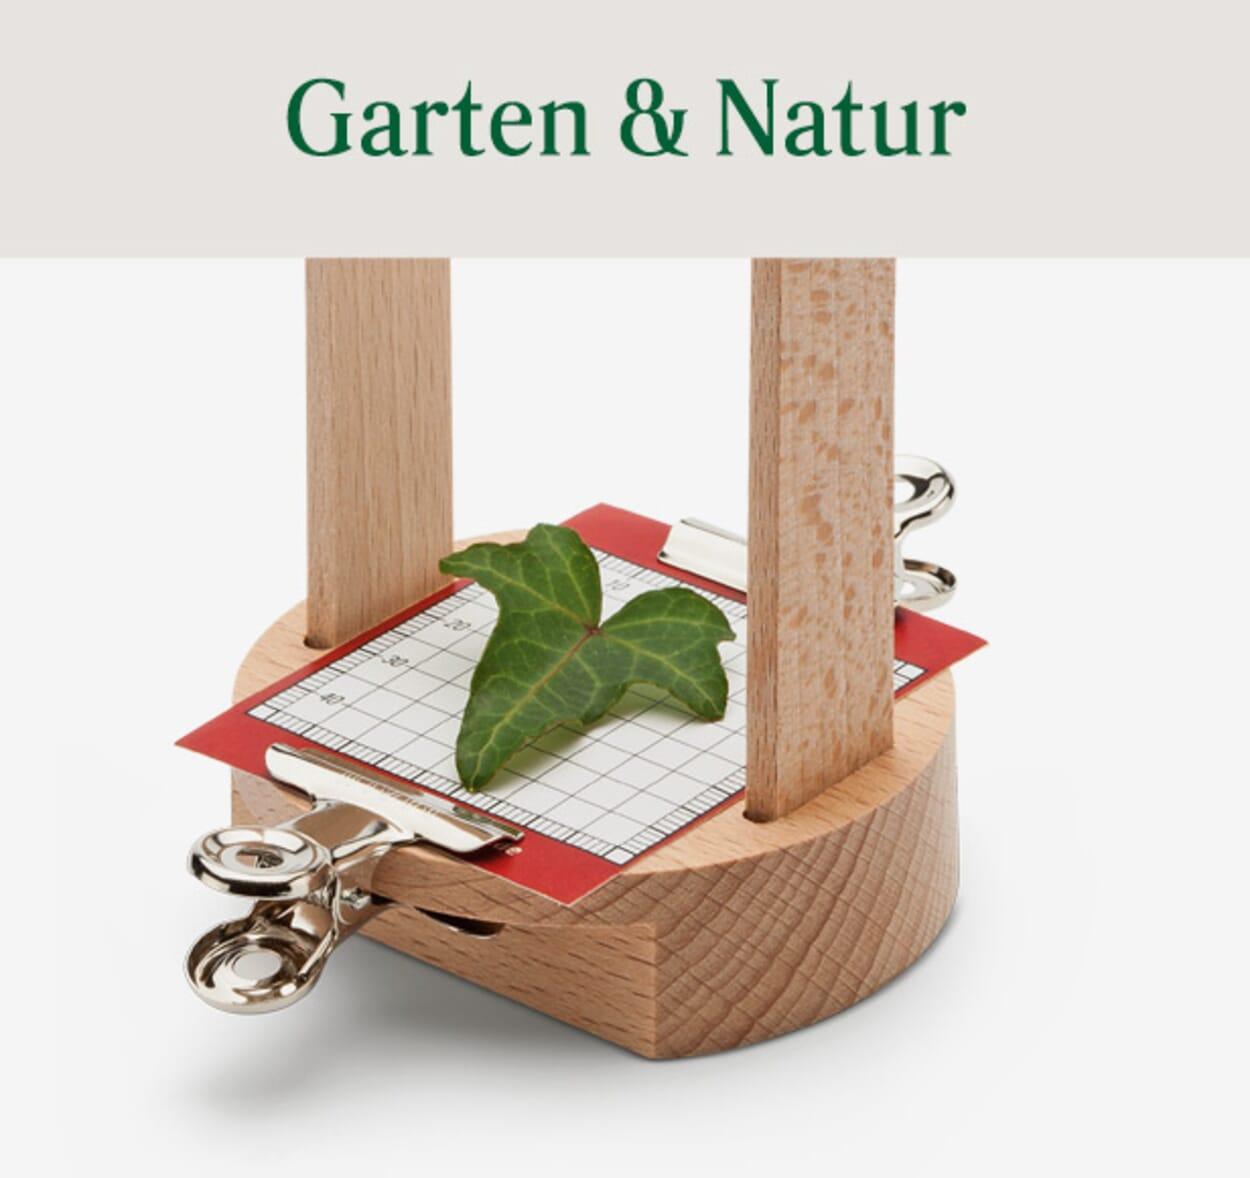 Garten und Natur erleben